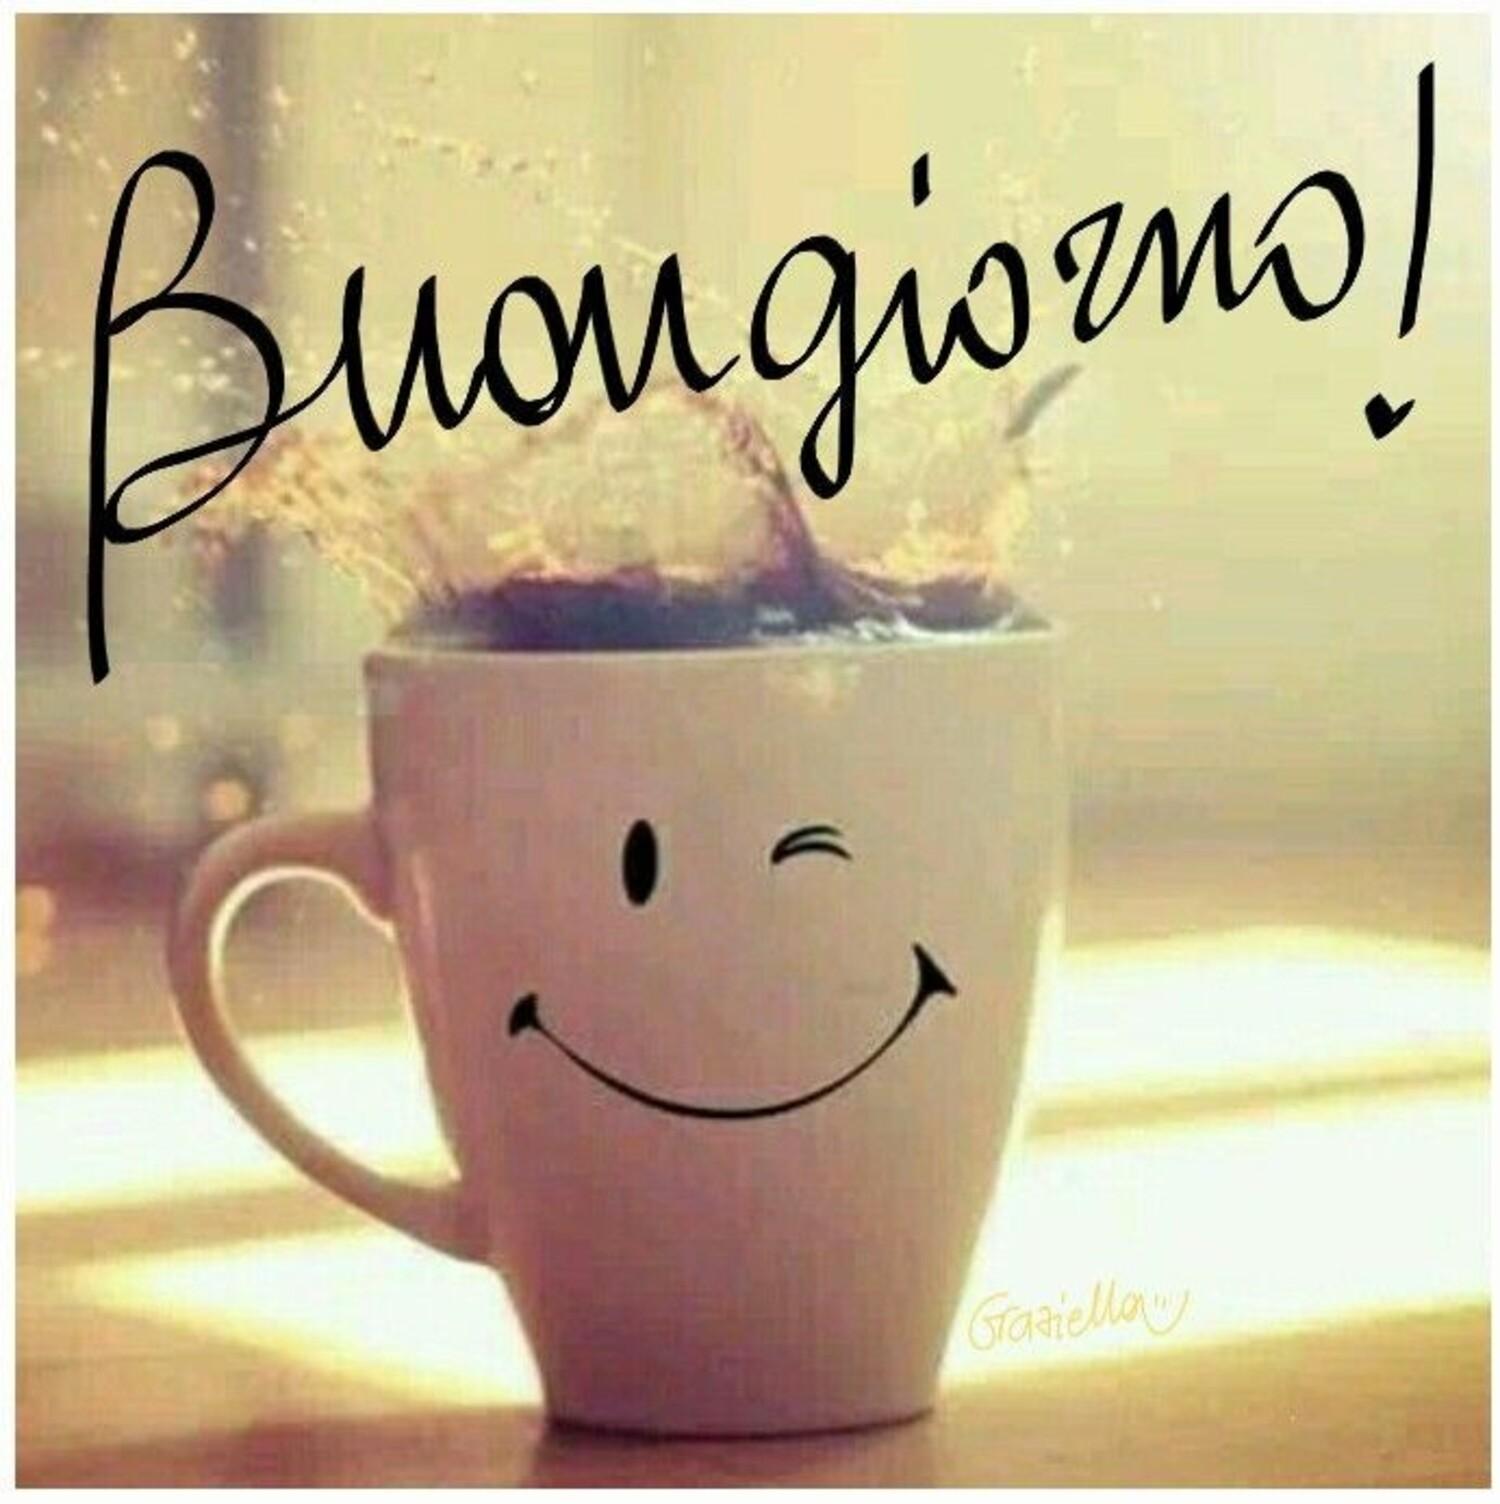 Buongiorno! Col sorriso